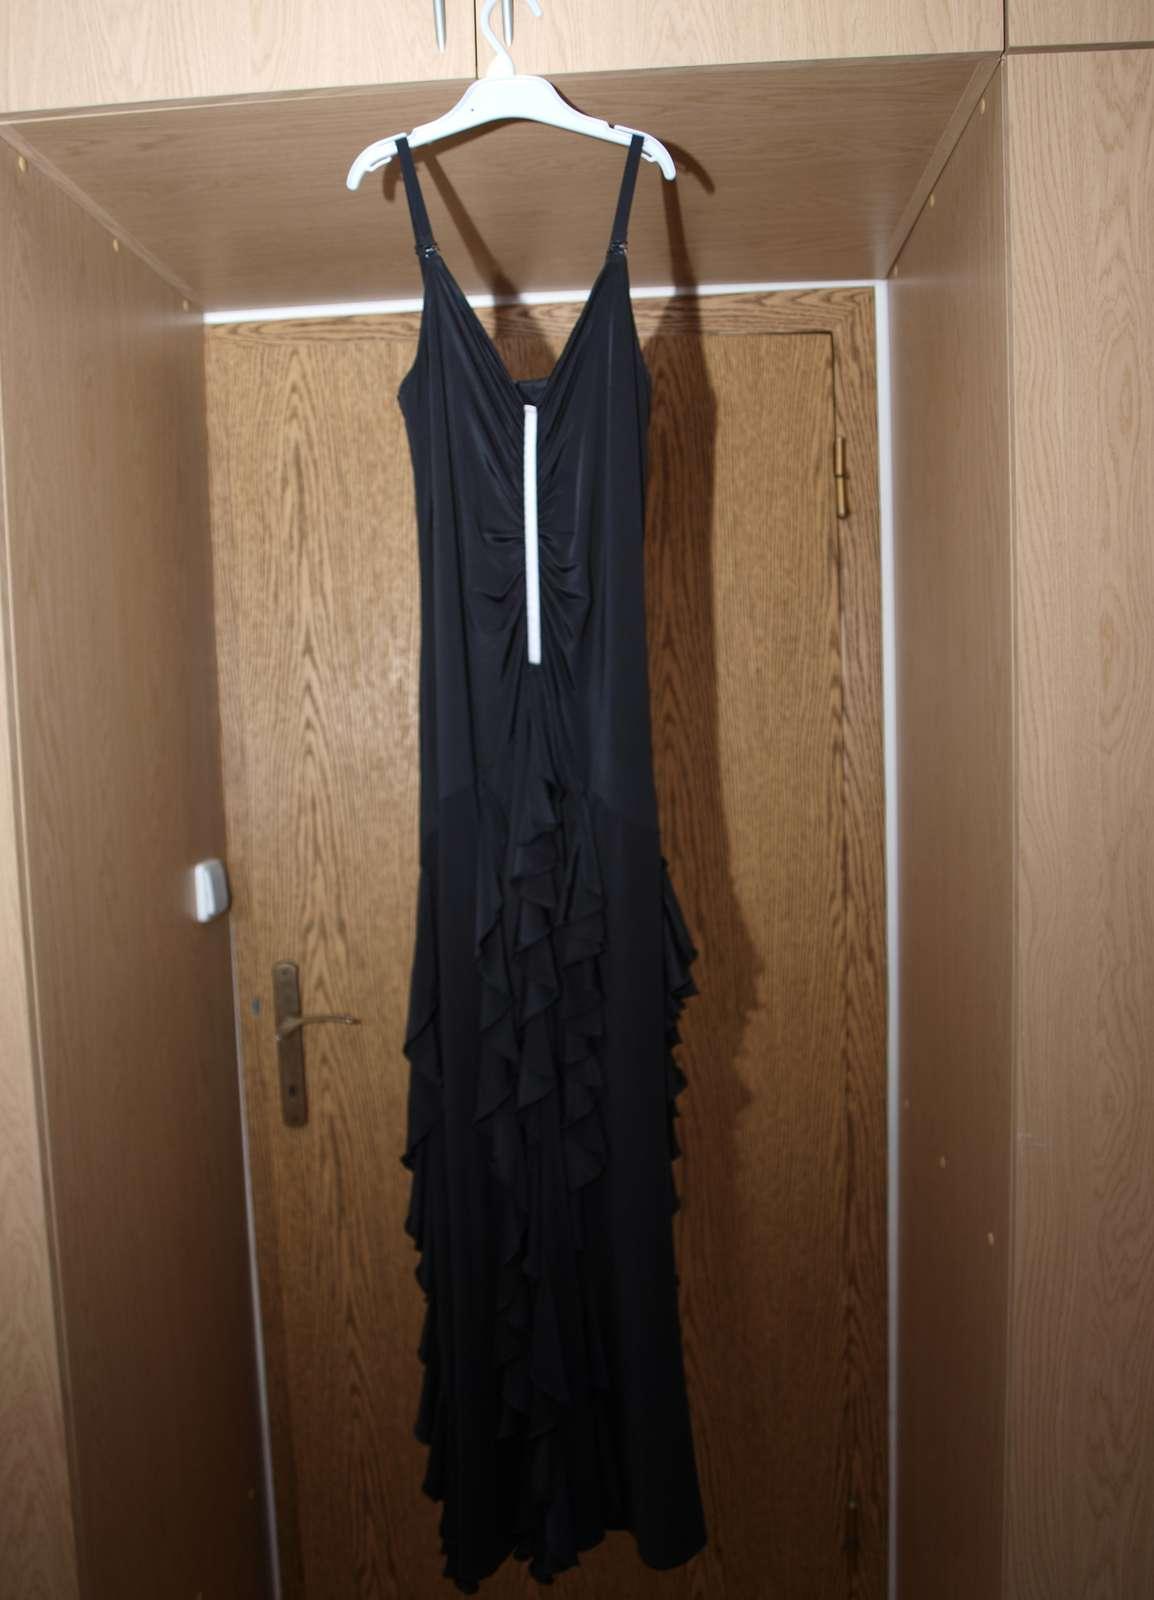 Čierne spoločenské šaty - veľ. S/M - Obrázok č. 1